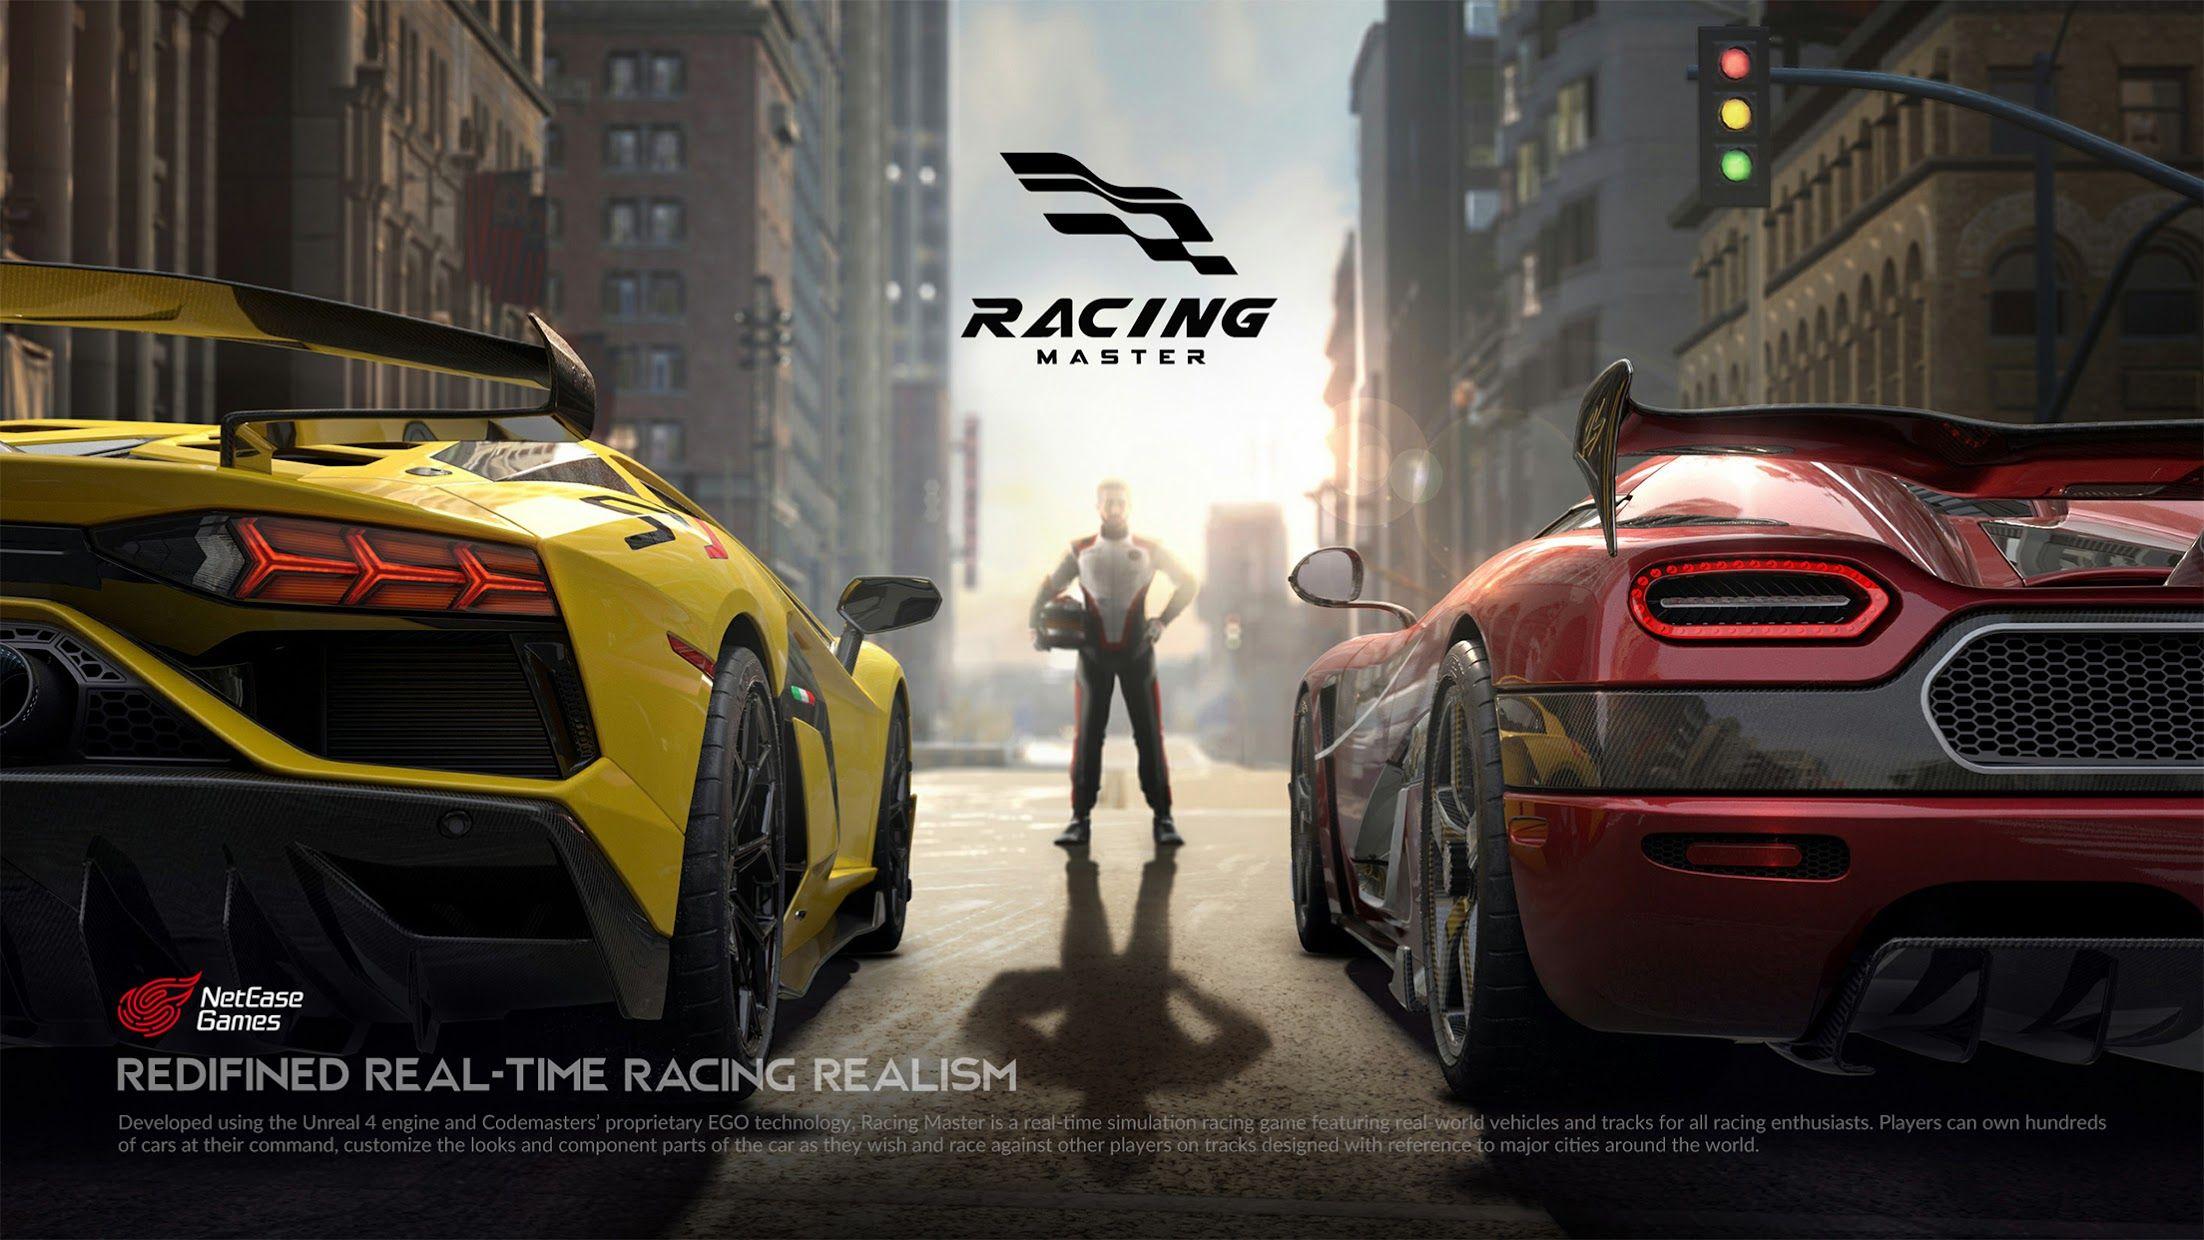 巅峰时速(抢先体验 Racing Master) 游戏截图1